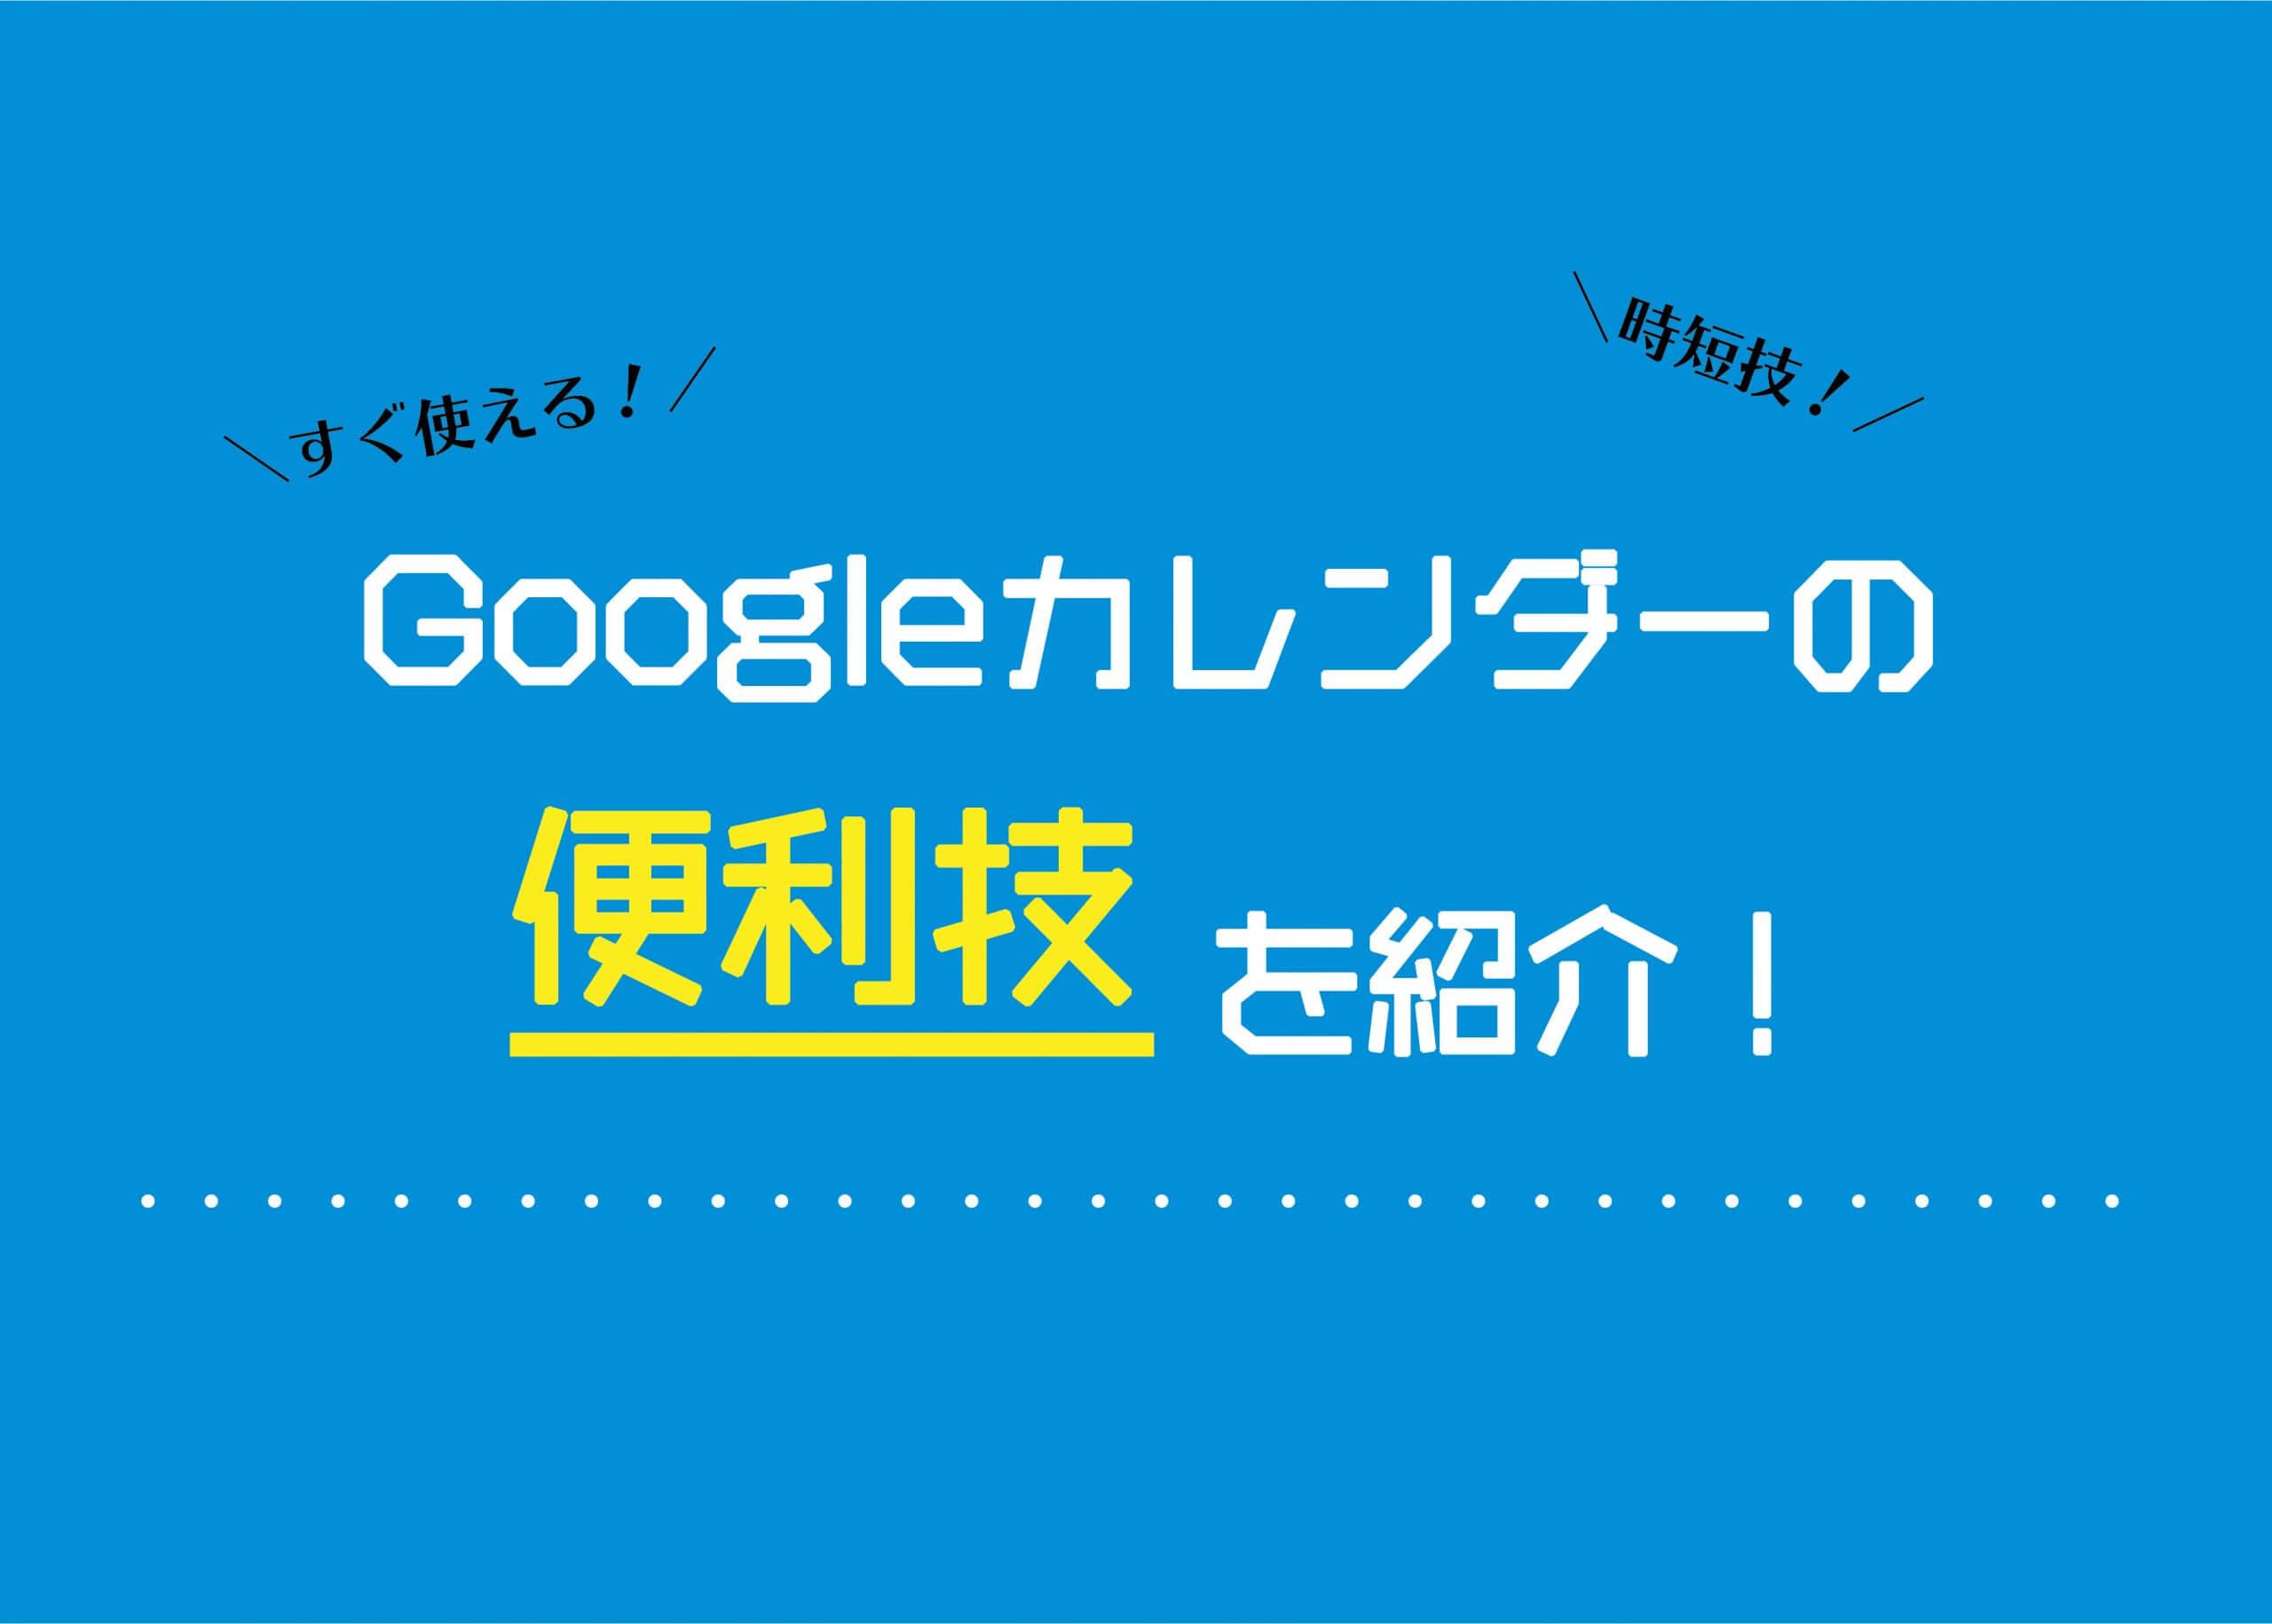 【働き方改革に!】Googleカレンダーの便利技を紹介!